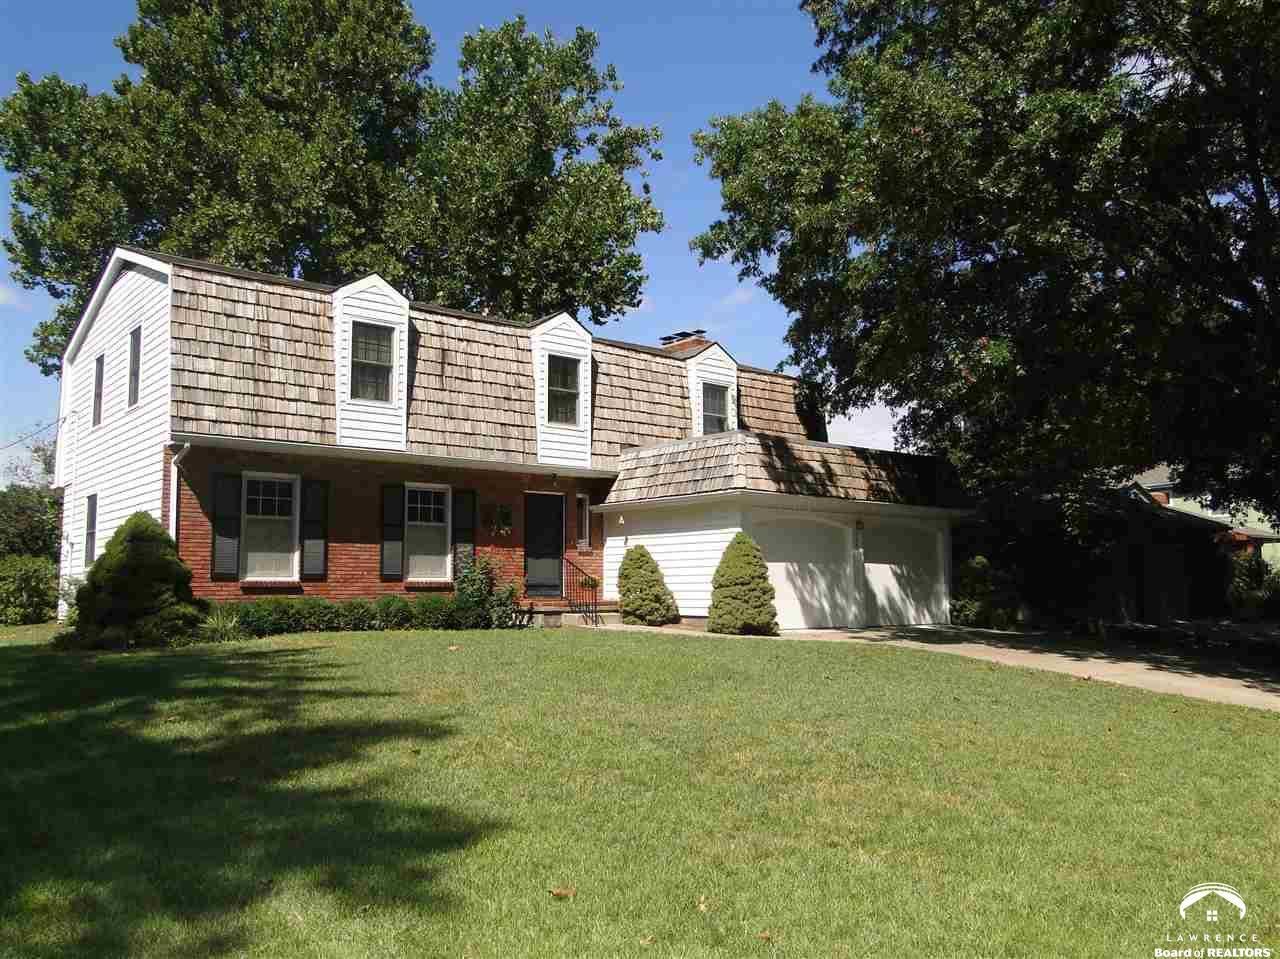 Lawrence Homes Sale Overland Park Real Estate Topeka Kansas